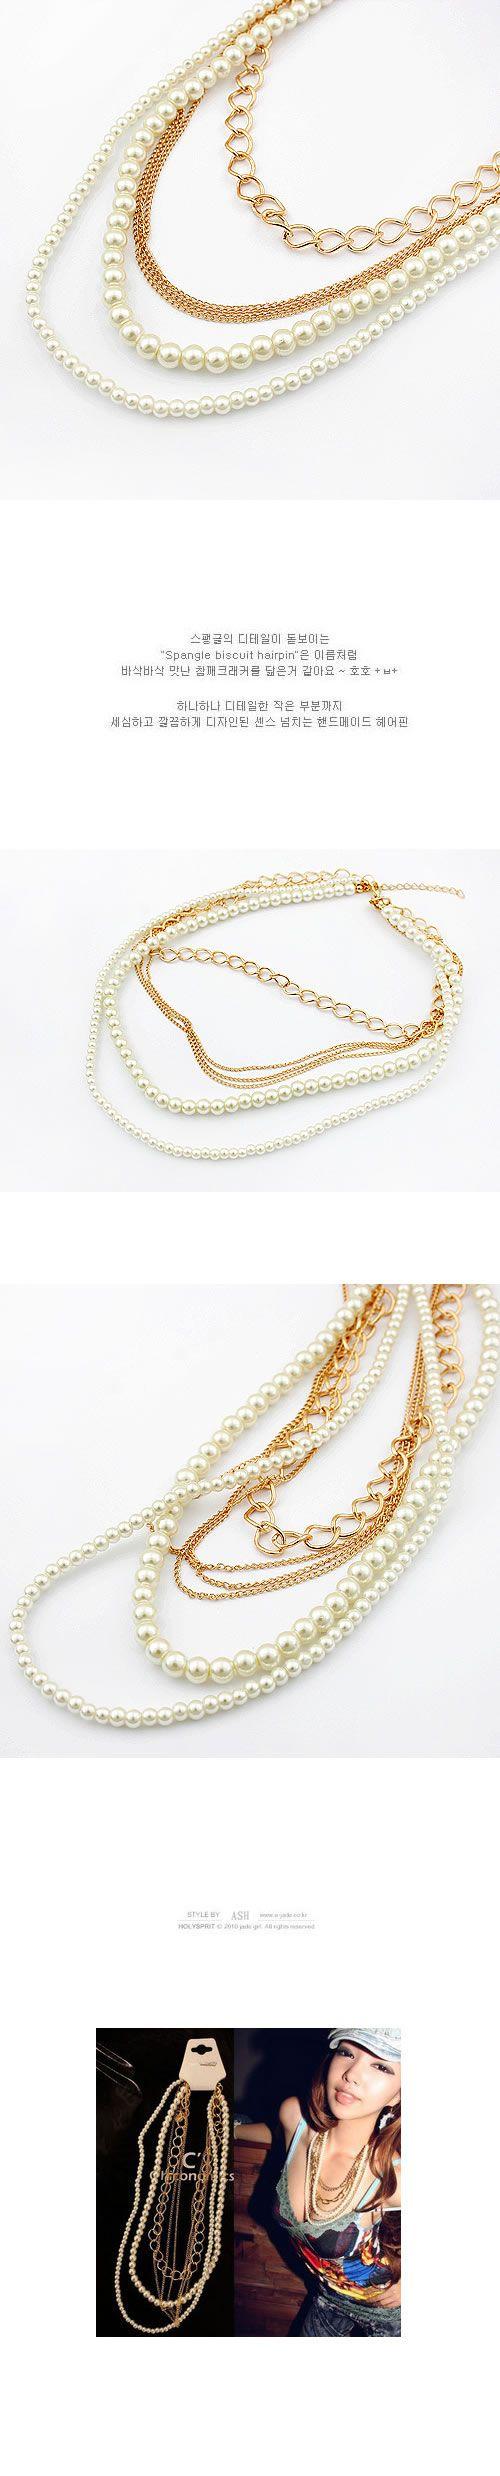 Drawstring White Multilayer Imitate Pearl Design Pearl Beaded Necklaces,Beaded Necklaces